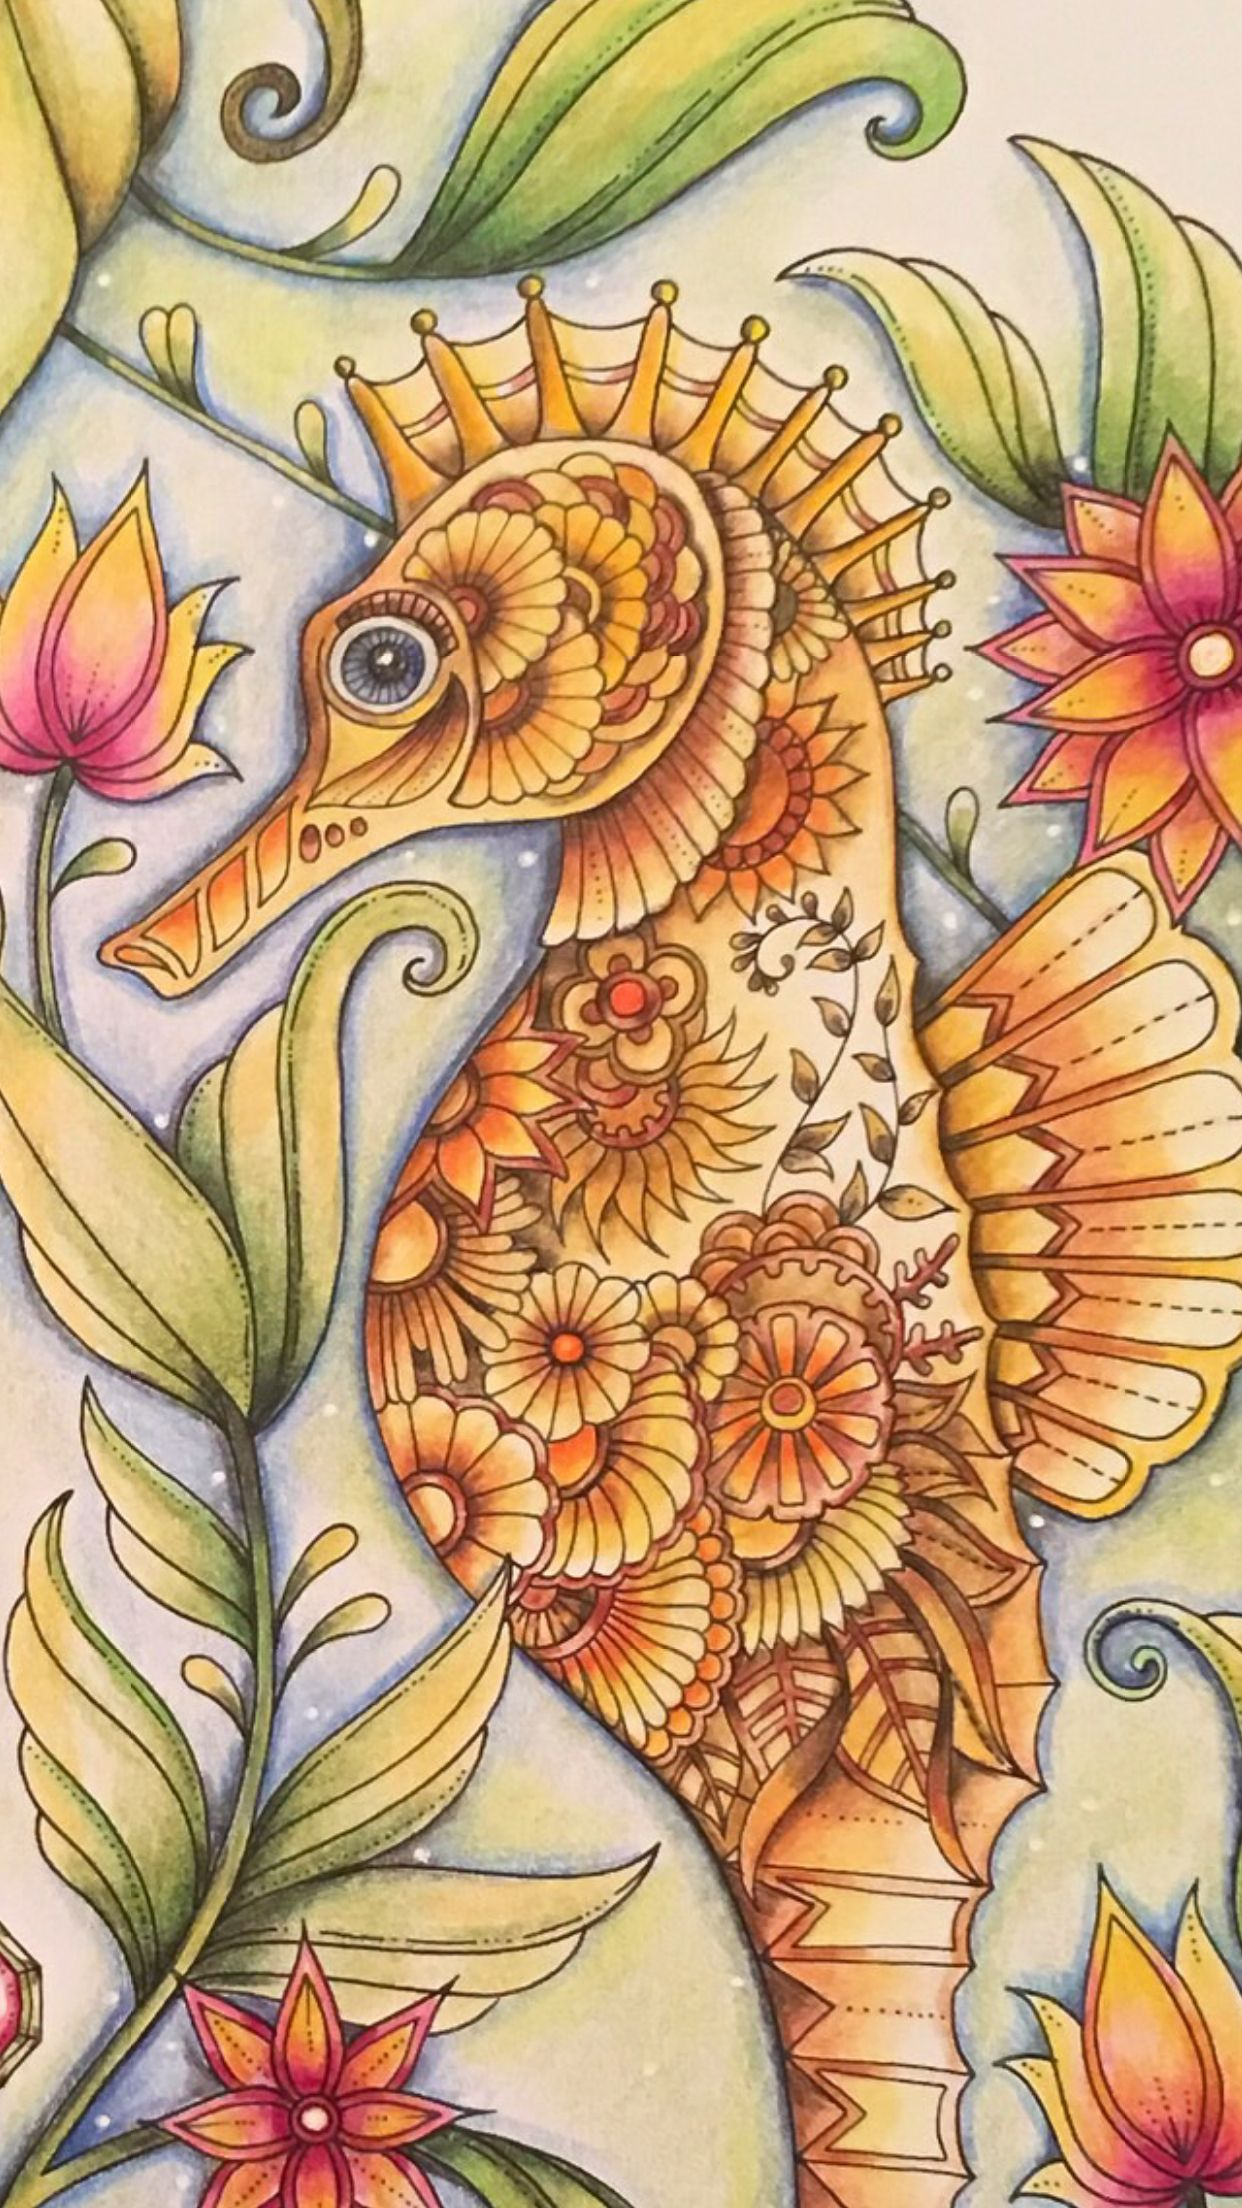 Zen ocean colouring book - Seahorse Lost Ocean Johanna Basford Coloured By Ness Butler